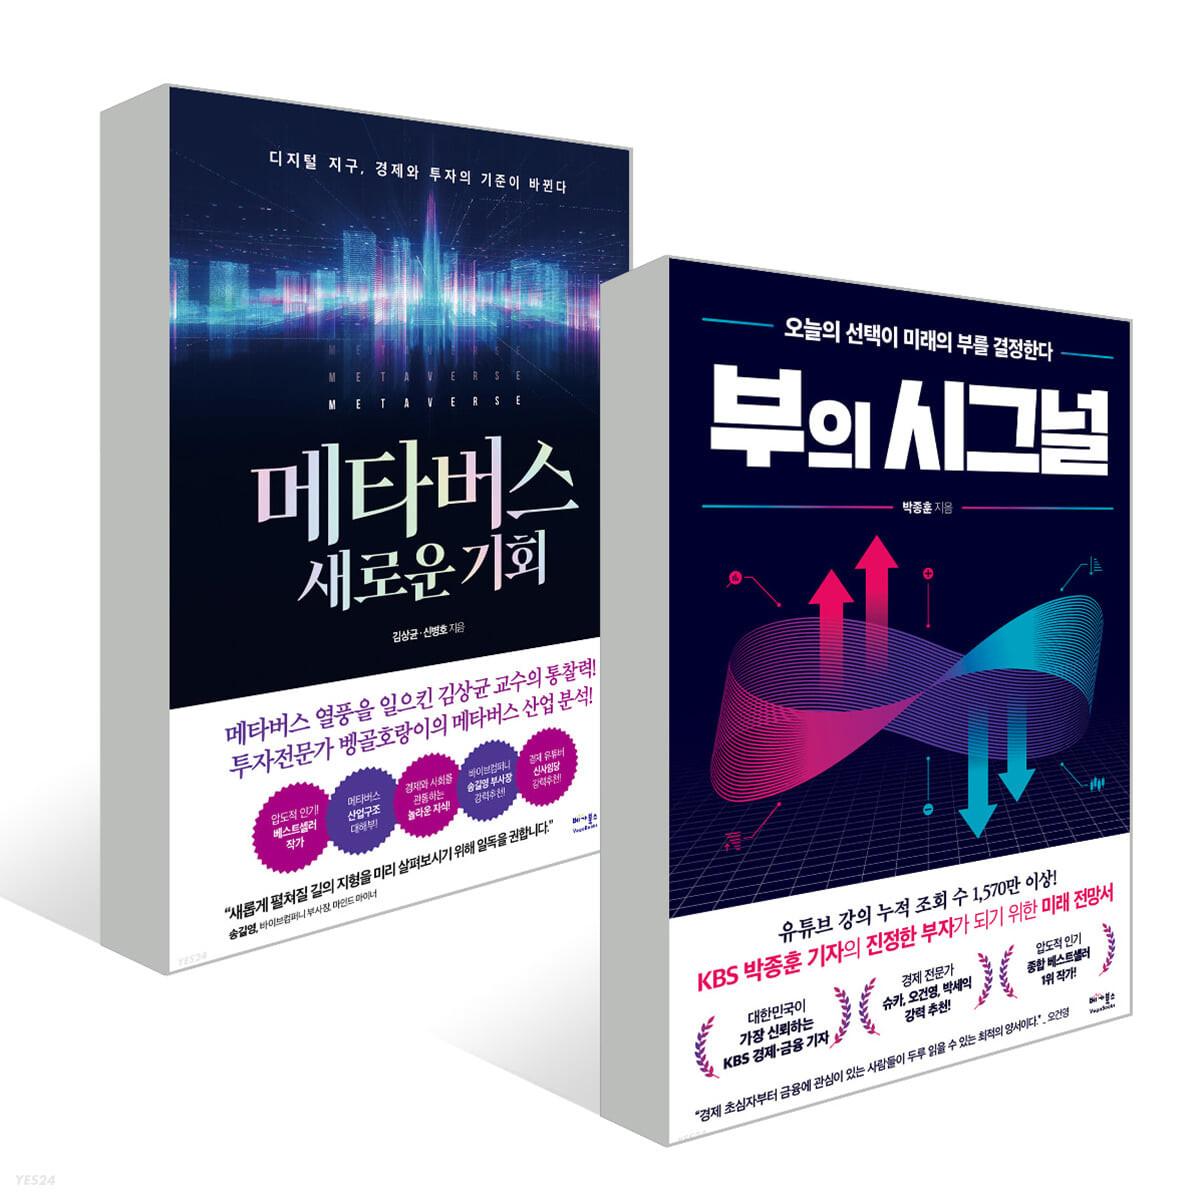 부의 시그널 + 메타버스 새로운 기회